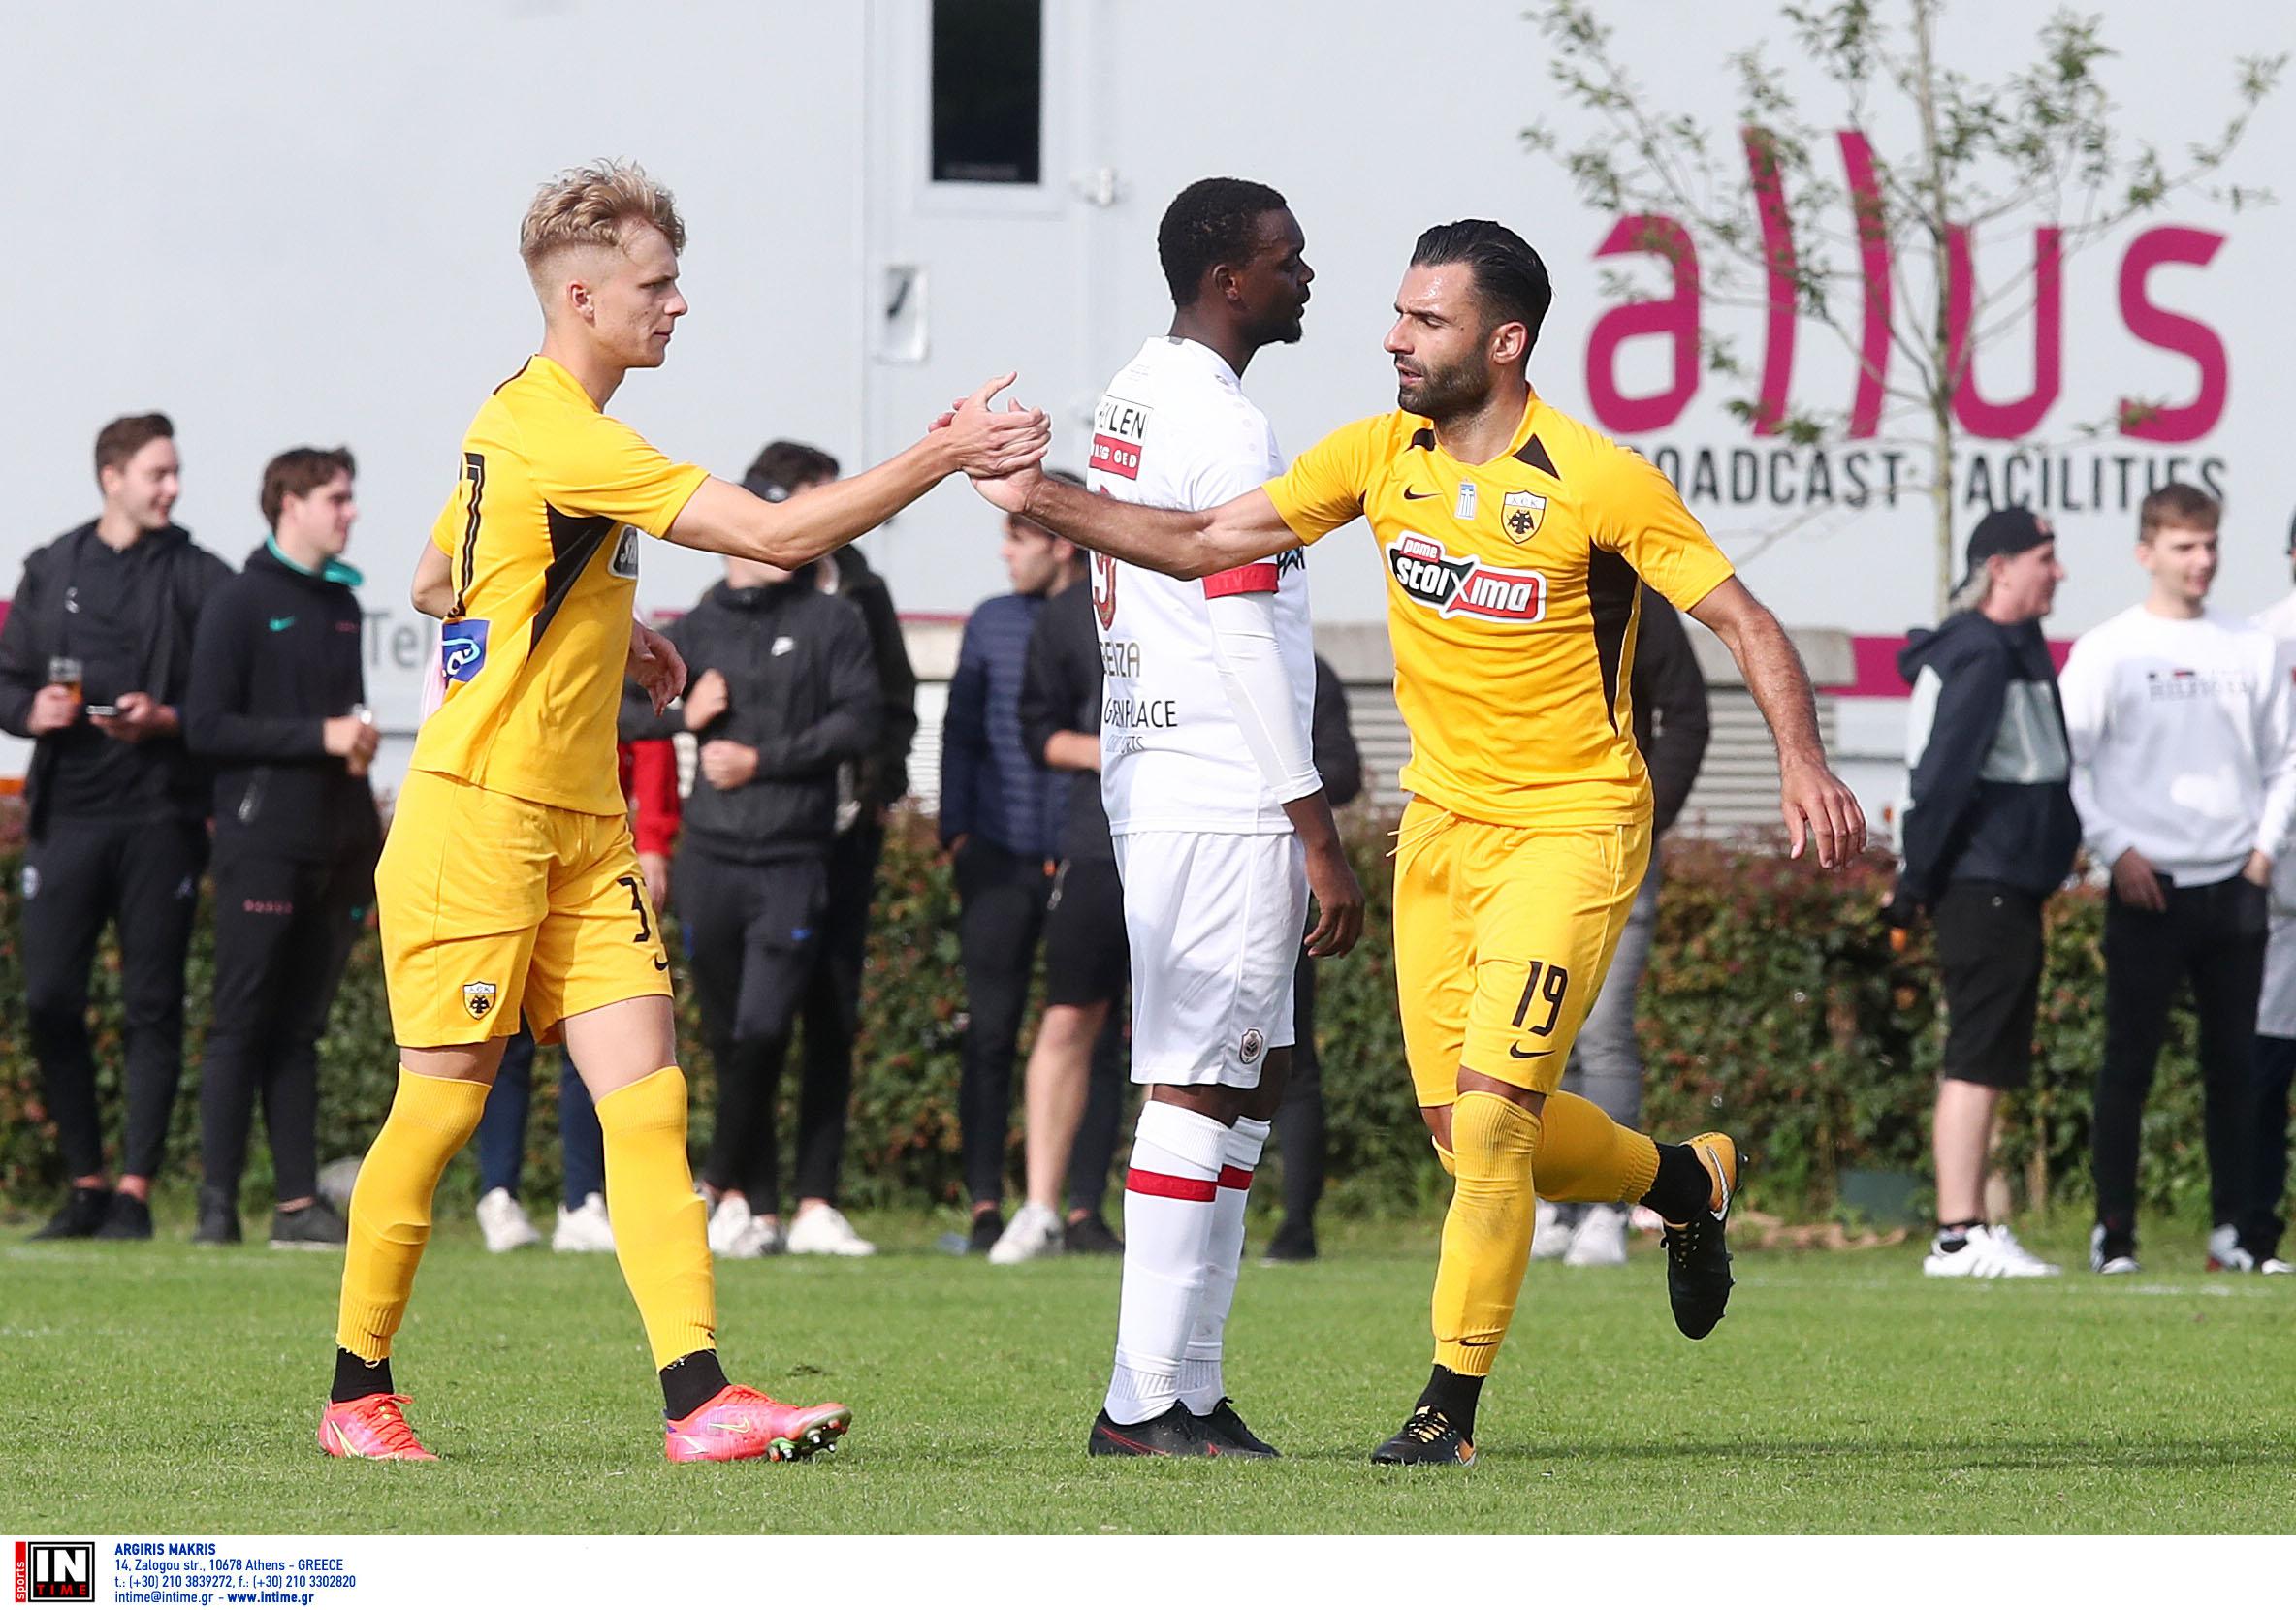 ΑΕΚ – Αντβέρπ 2-0: Βελτιωμένη και νικήτρια στο ντεμπούτο του Τζαβέλλα